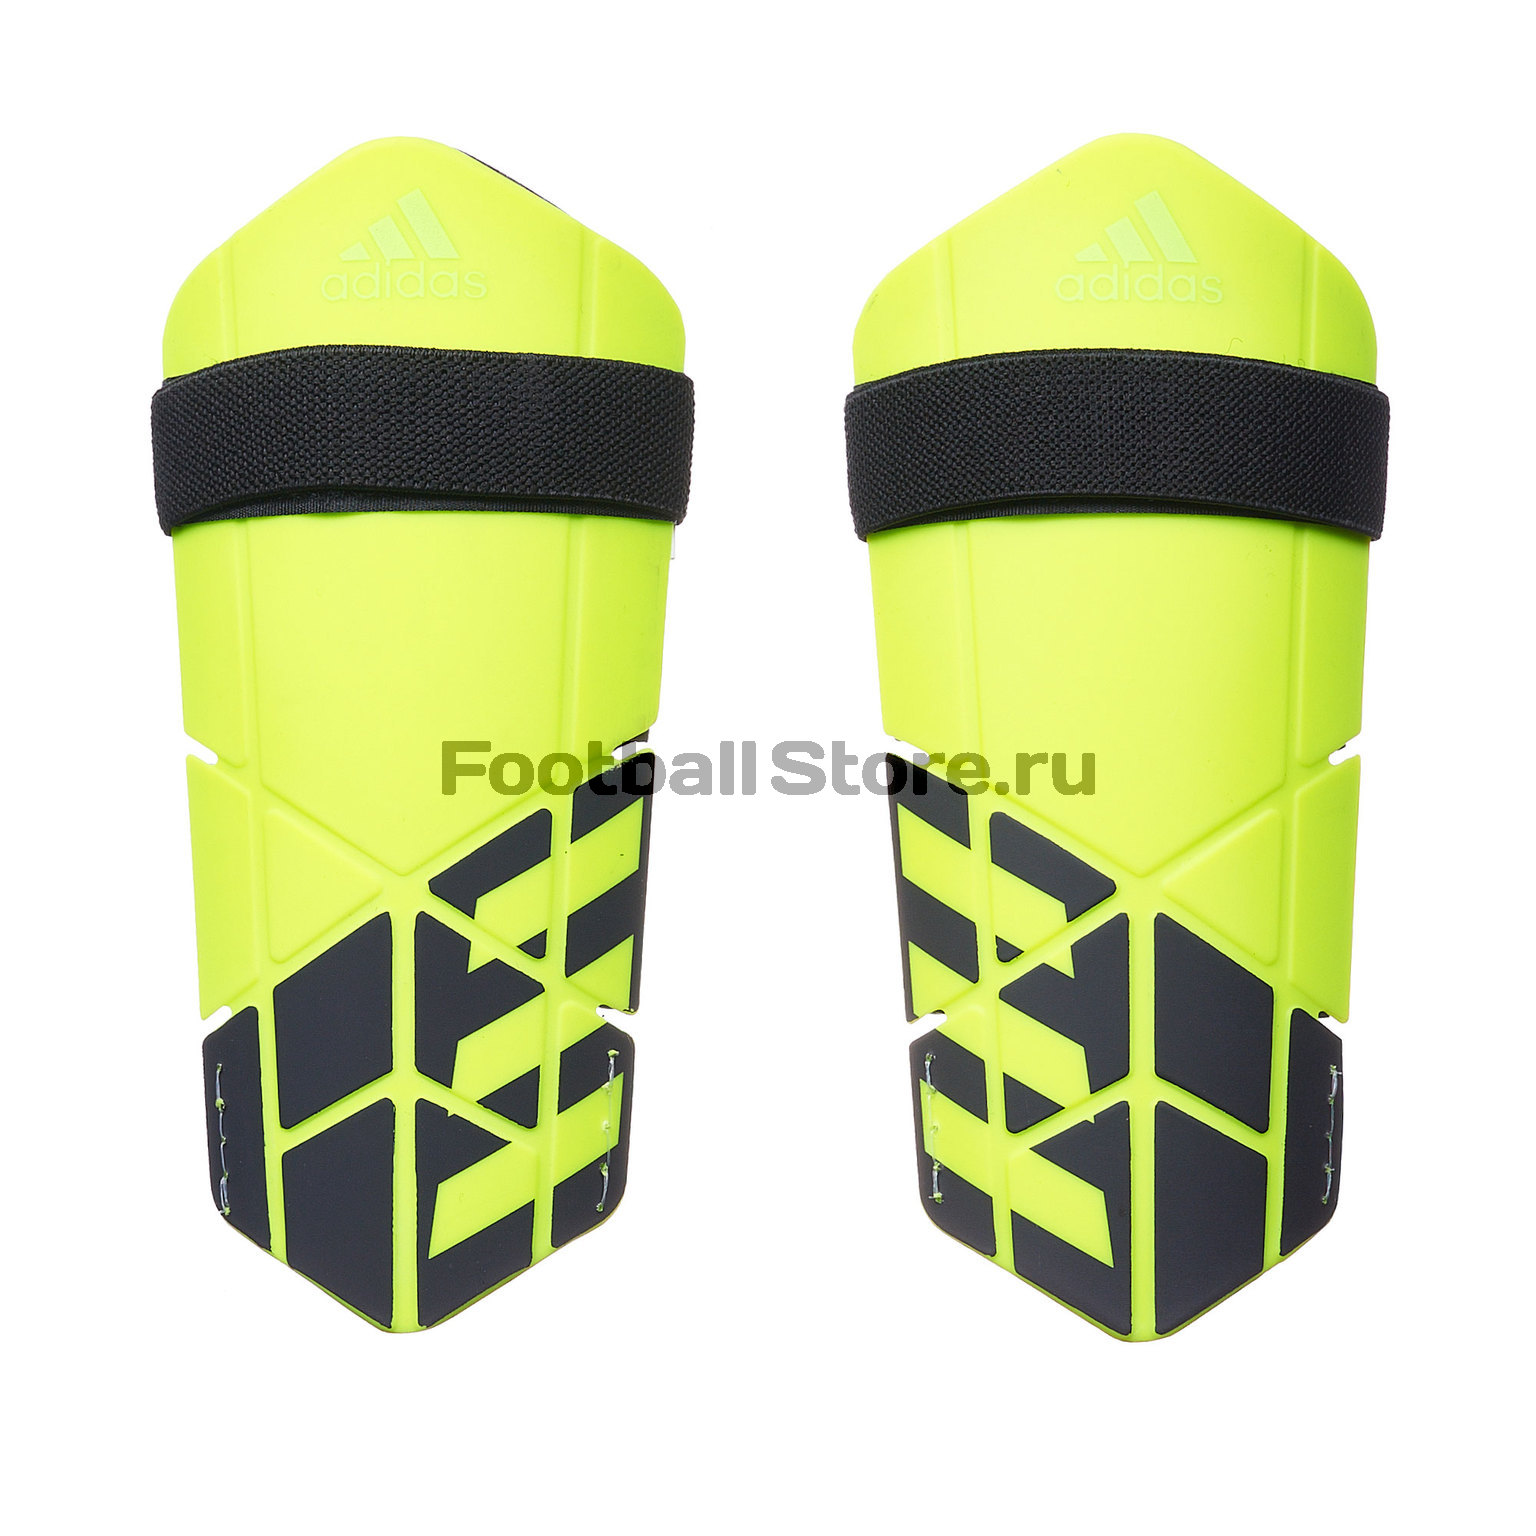 Щитки футбольные Adidas X Lite CW9719 щитки футбольные adidas x lesto dy2578 серебристый размер m